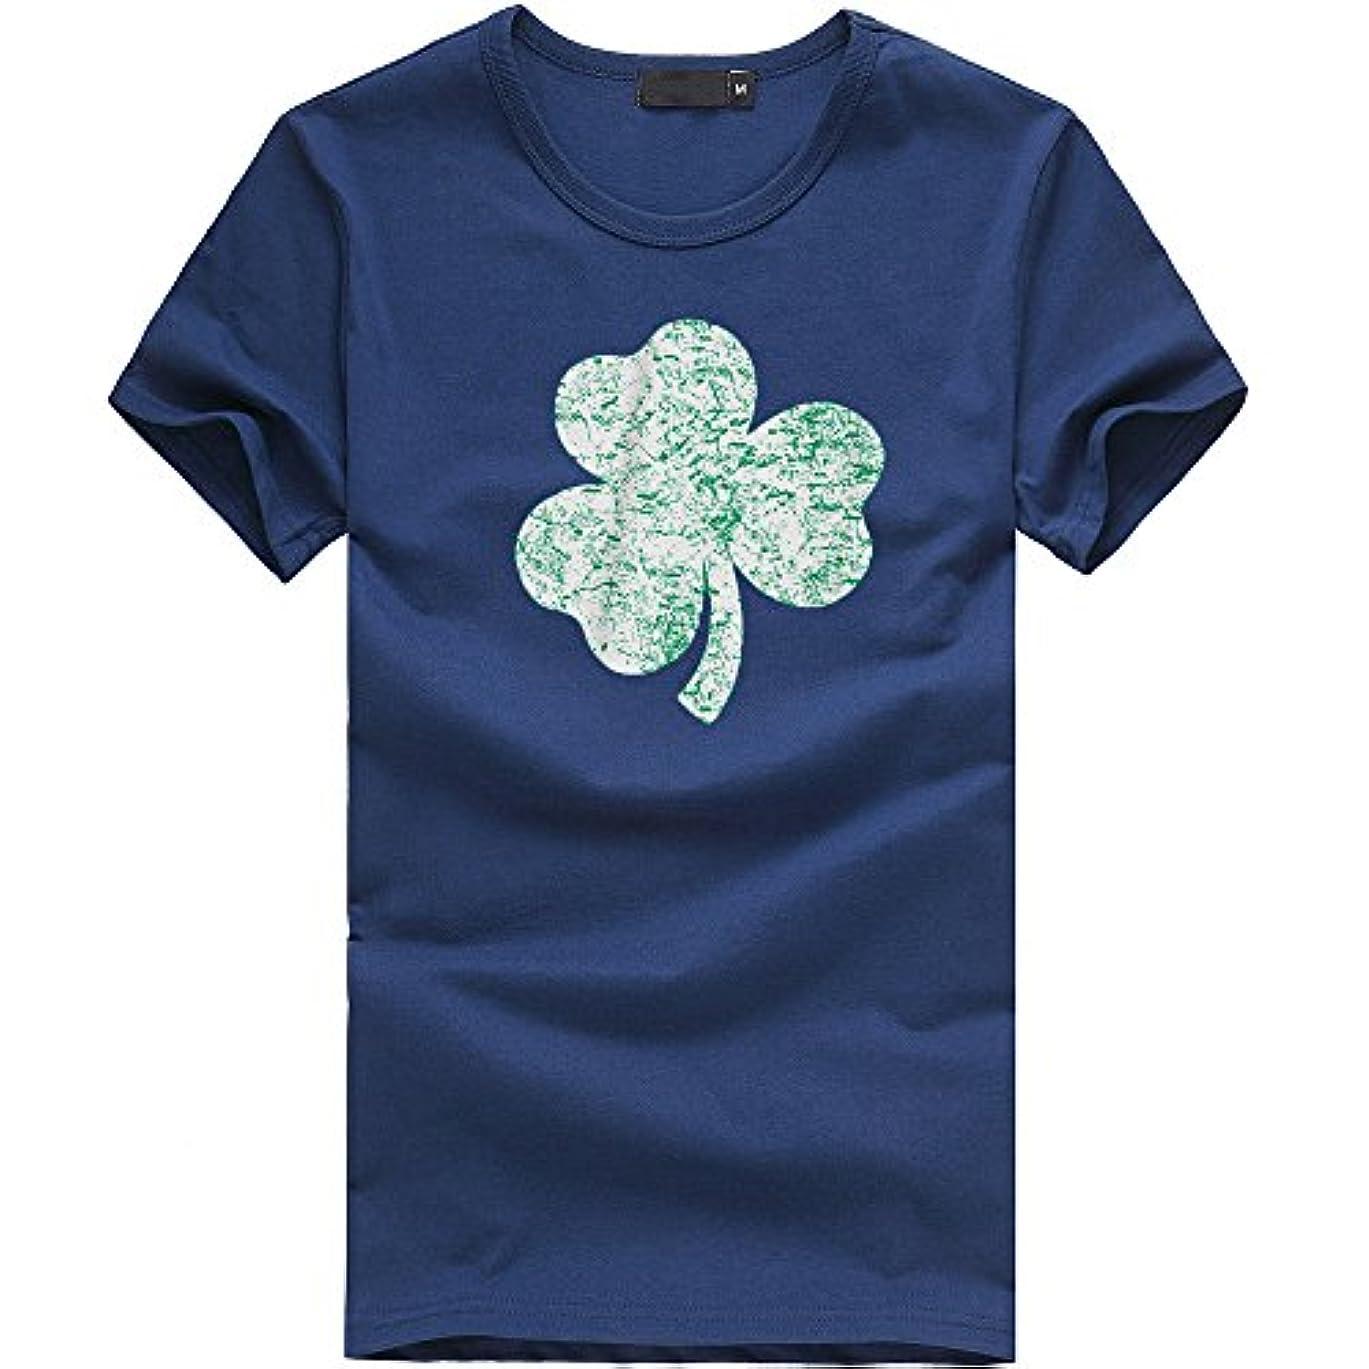 食欲粒天文学Racazing 半袖 Tシャツ 大きいサイズ メンズ 春夏 快適 人気 Tシャツ カジュアル 三葉草柄 多色 メンズ 薄手 かっこいい サイズ 吸汗速乾 ブラウス トップス ファッション 通勤 通学 通気性 プリント T-shirt for men